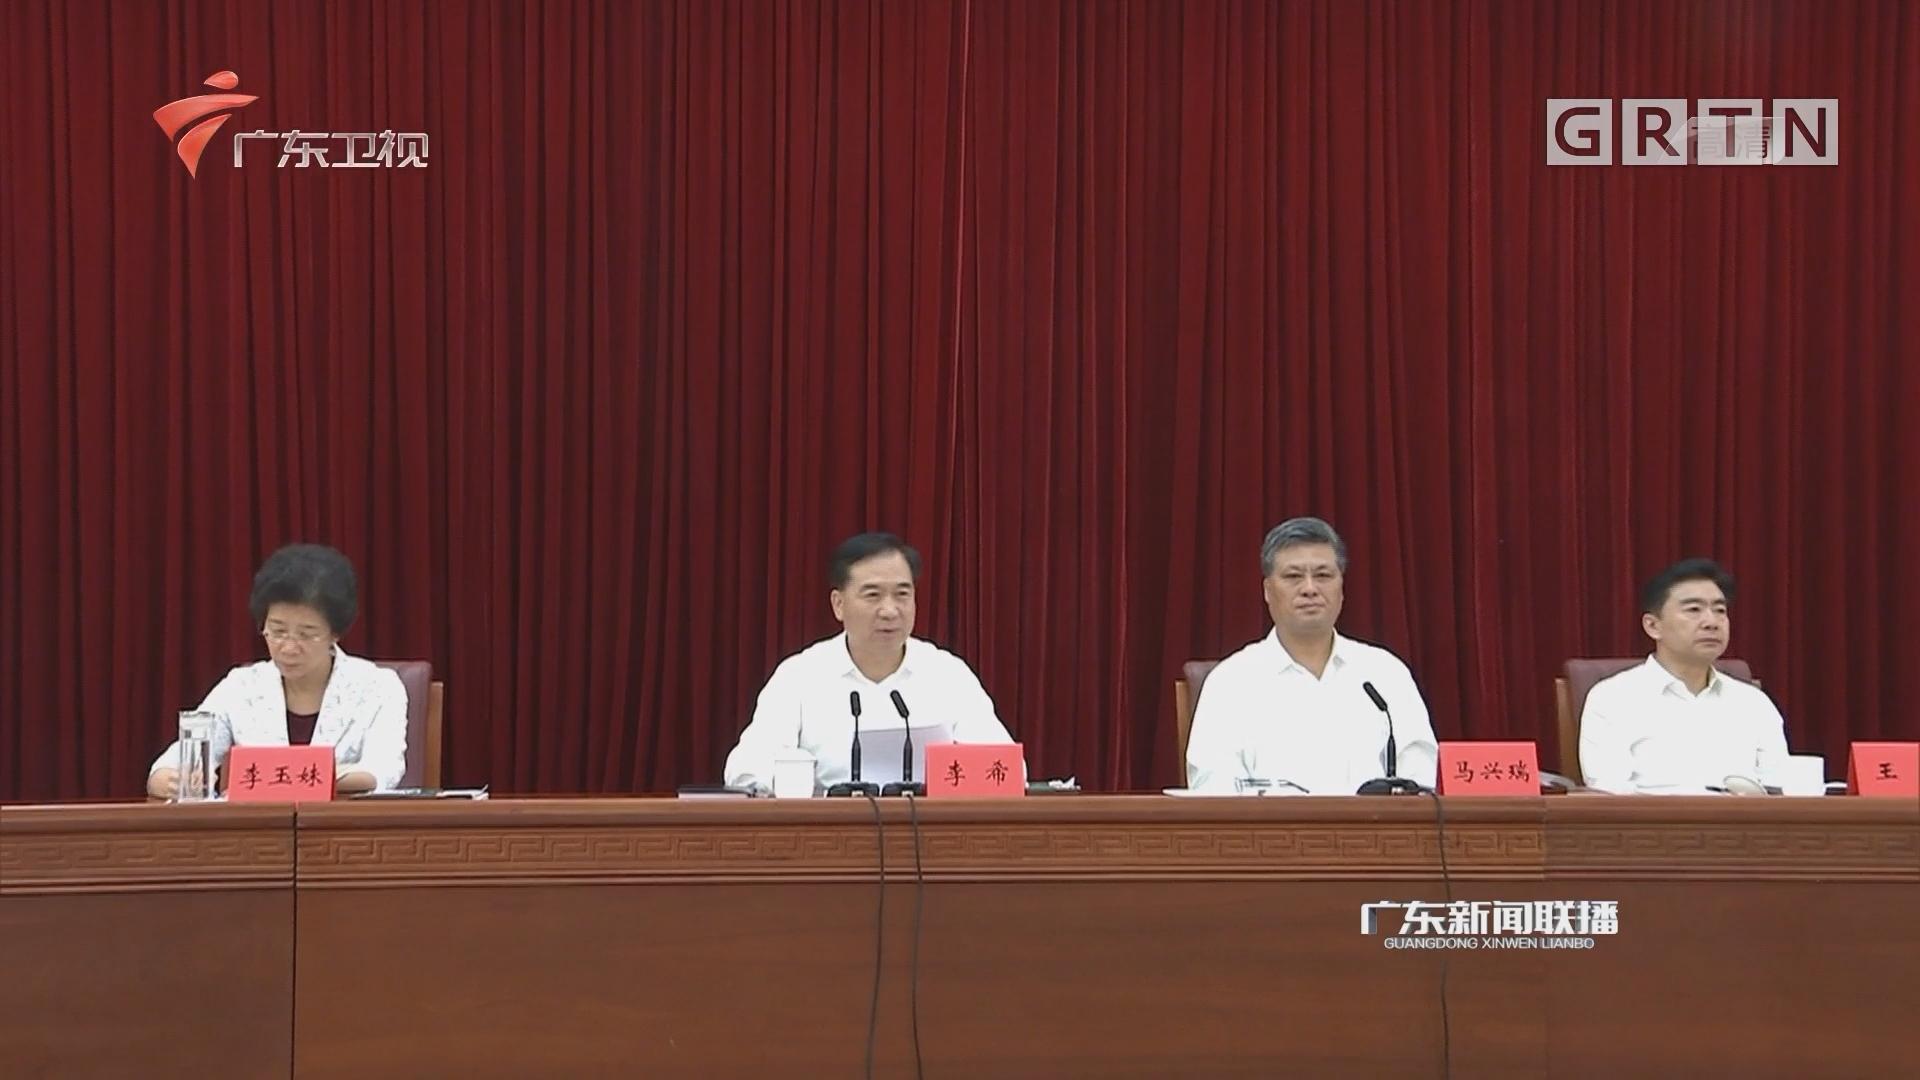 全省网络安全和信息化工作会议在广州召开 李希出席会议 马兴瑞主持会议